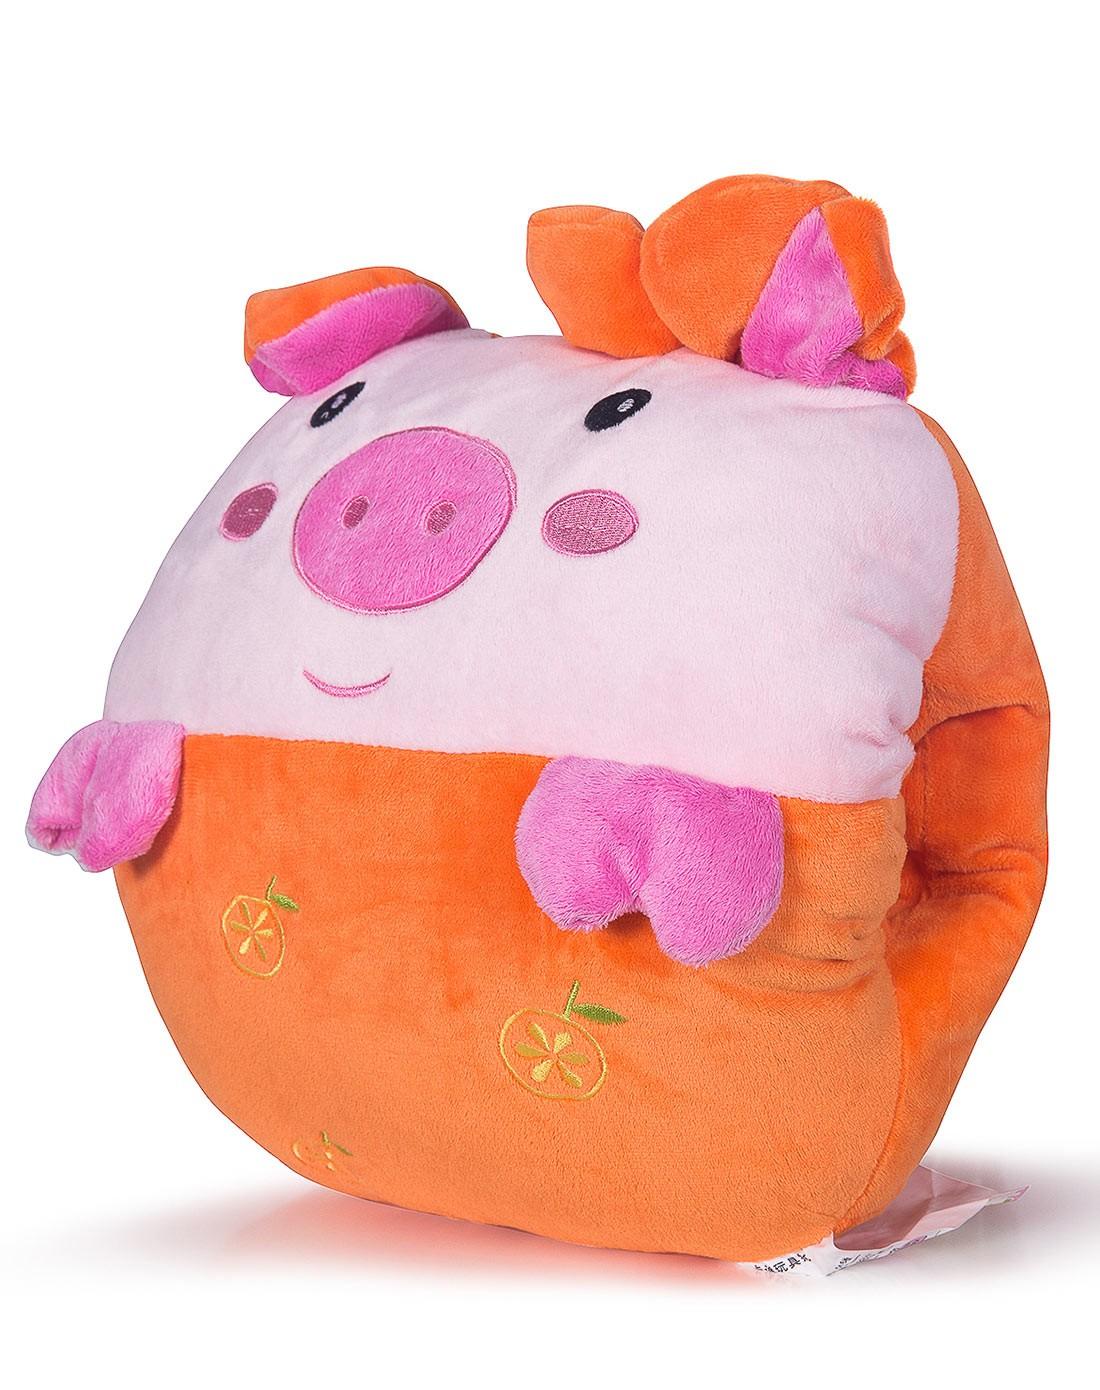 可爱橘黄色水果猪暖手抱枕